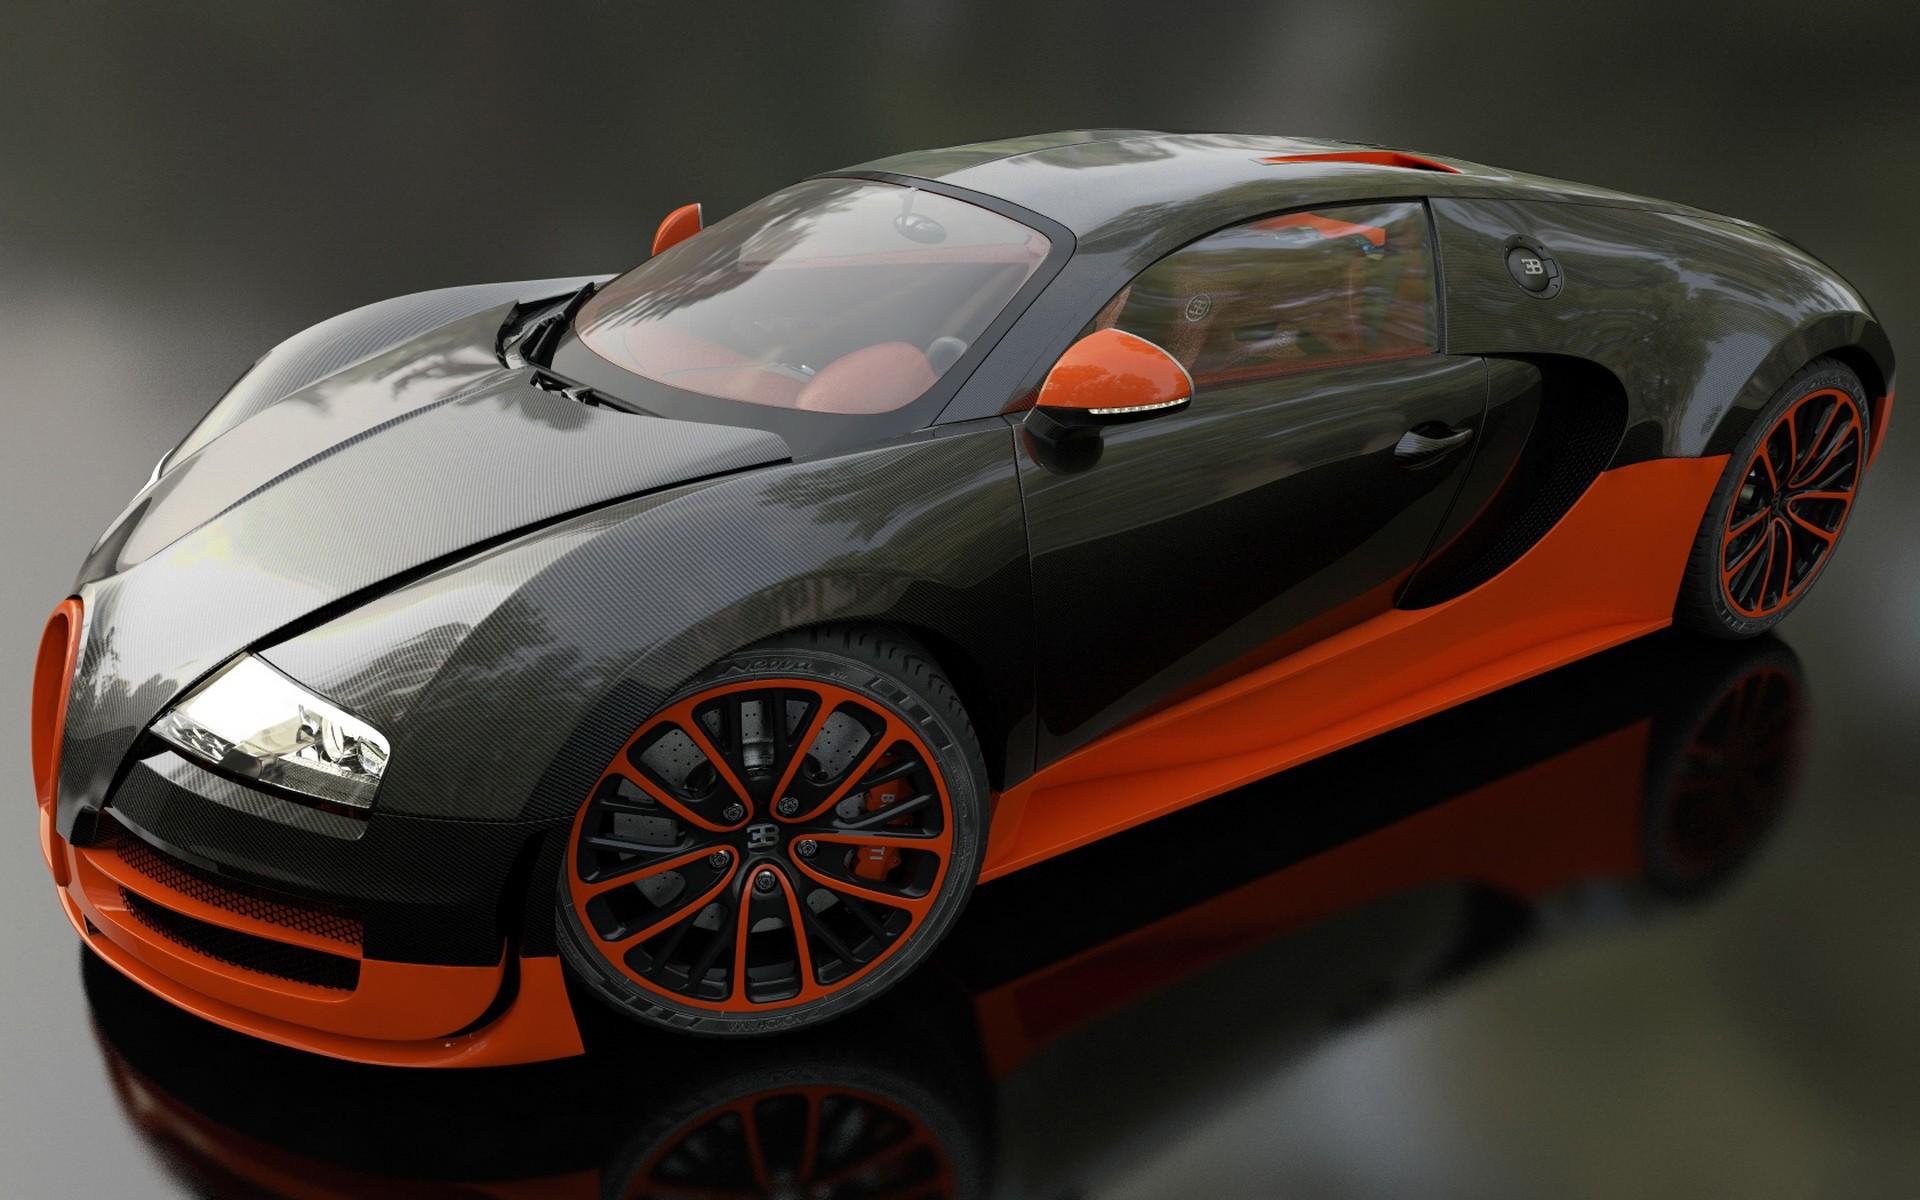 Wallpaper Super Car Sports Car Bugatti Veyron Bugatti Veyron